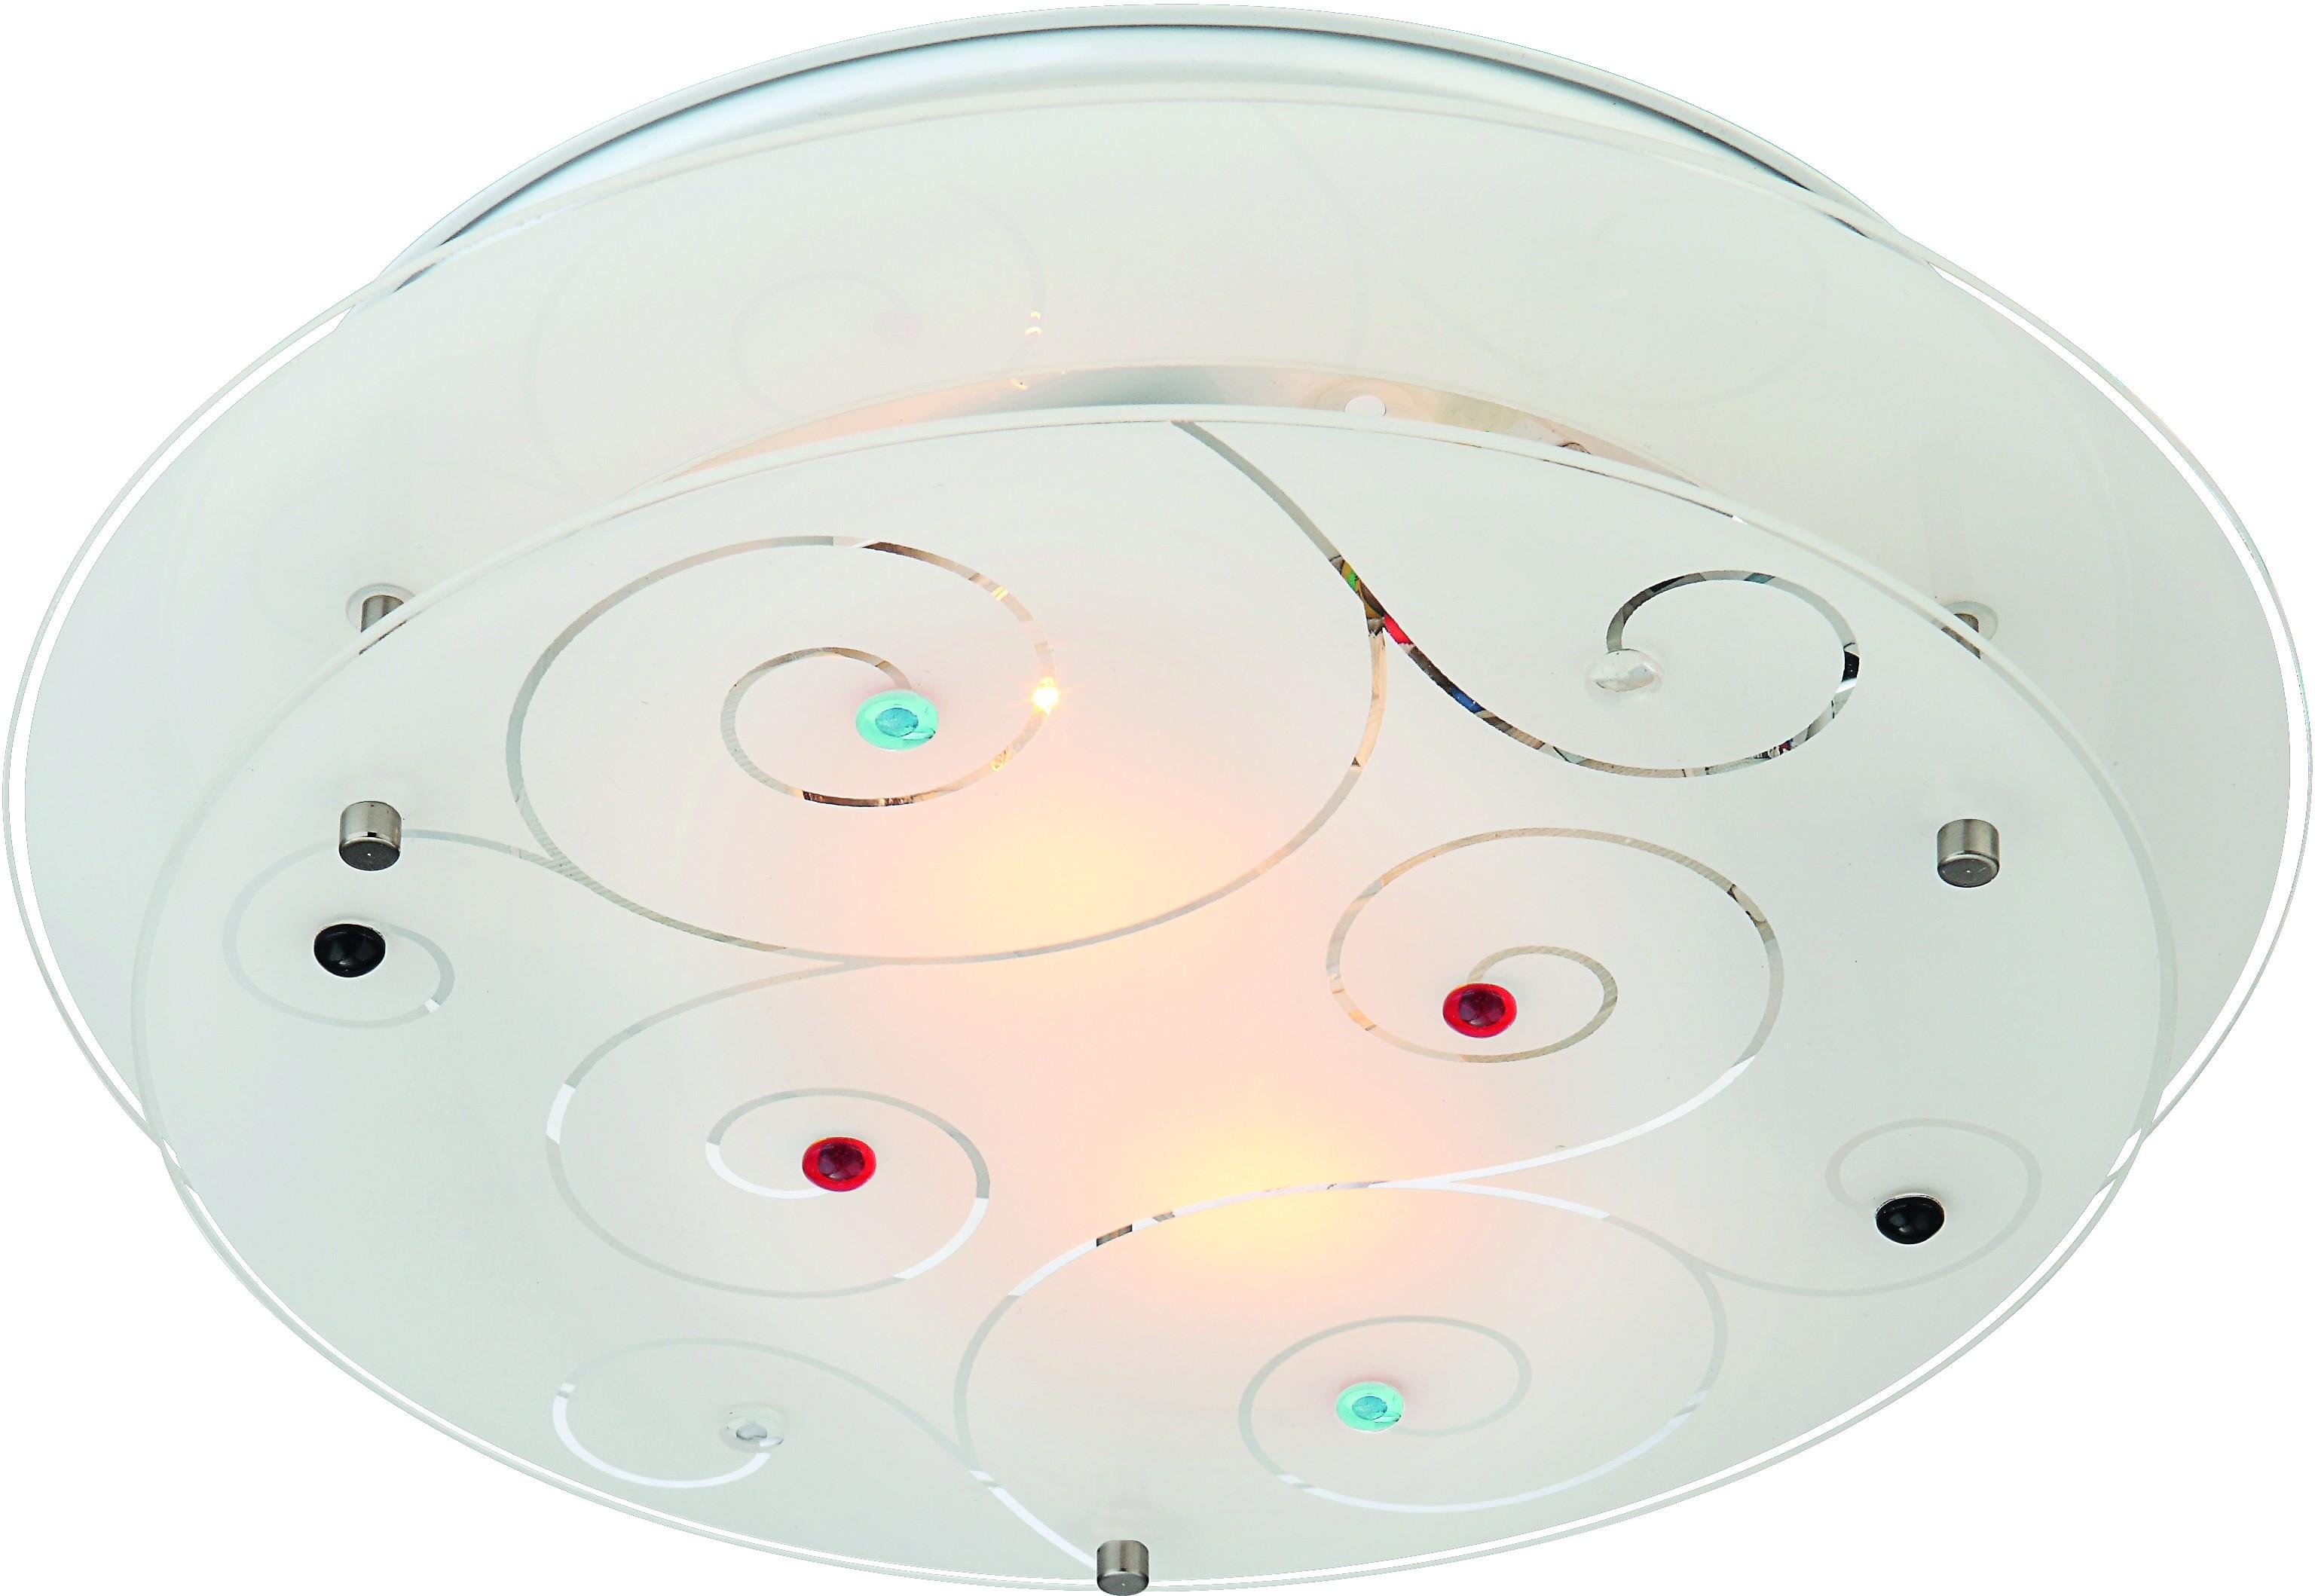 Светильник настенно-потолочный Arte lamp A4815pl-2cc светильник настенно потолочный arte lamp jasmine a4040pl 2cc 2x60вт e27 хром